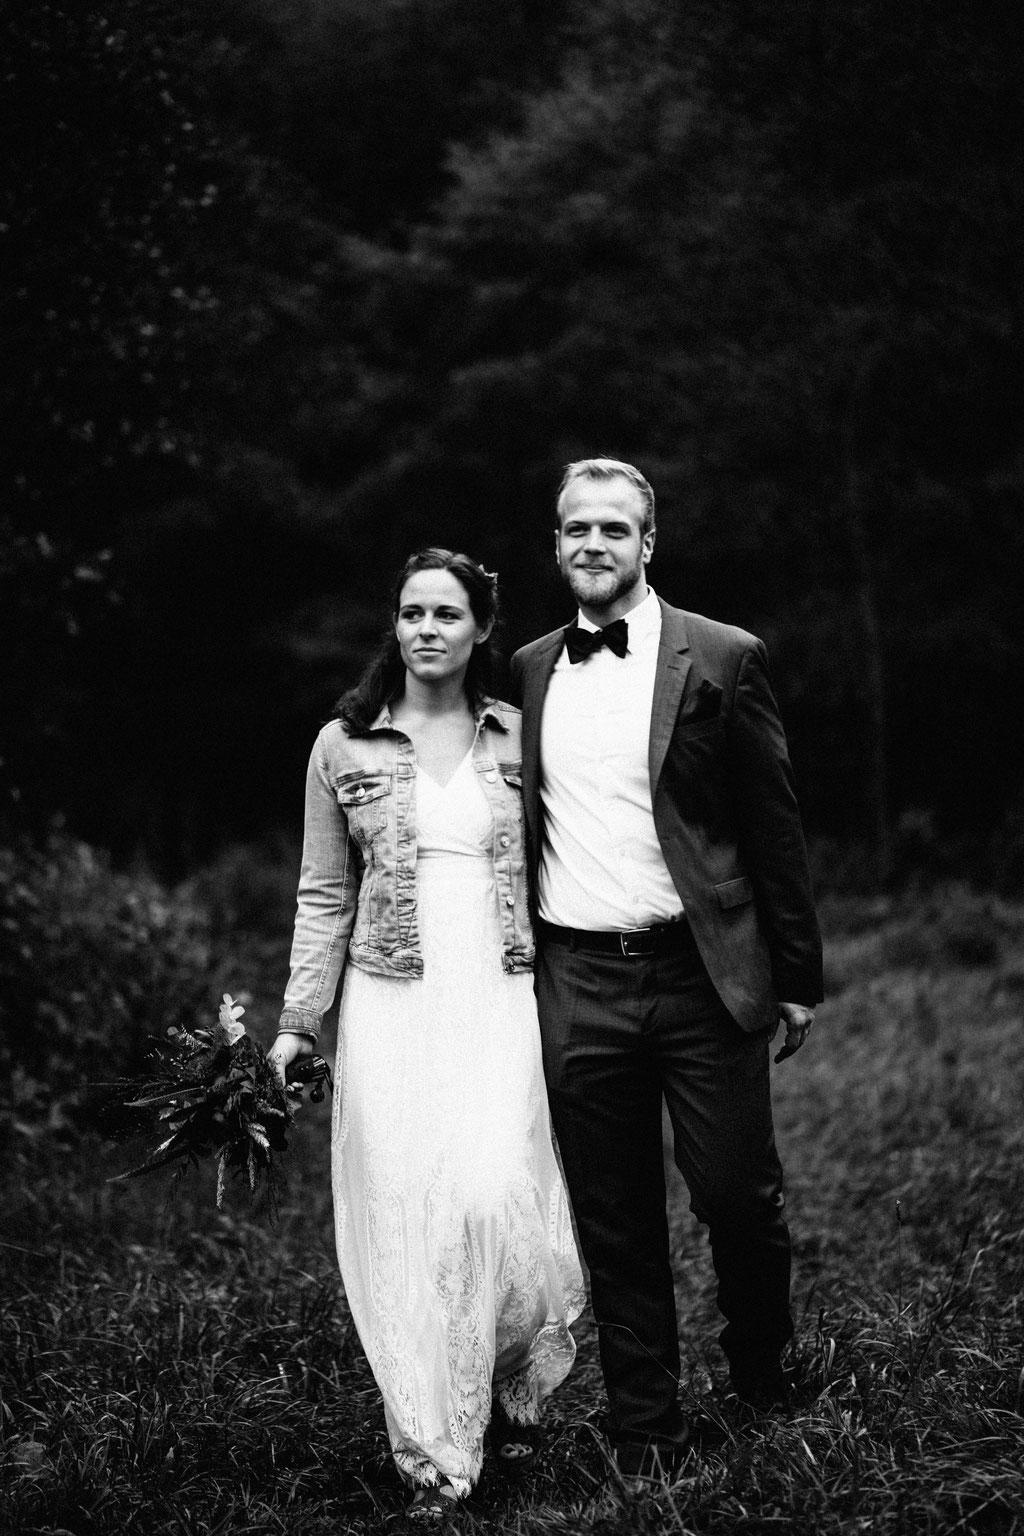 Brautpaaraufnahmen, schwarz weiß, sw, Hochzeit, Freie Trauung, Wiesbaden, Rheingau, Hubertushütte, Lentschik, Fotografin